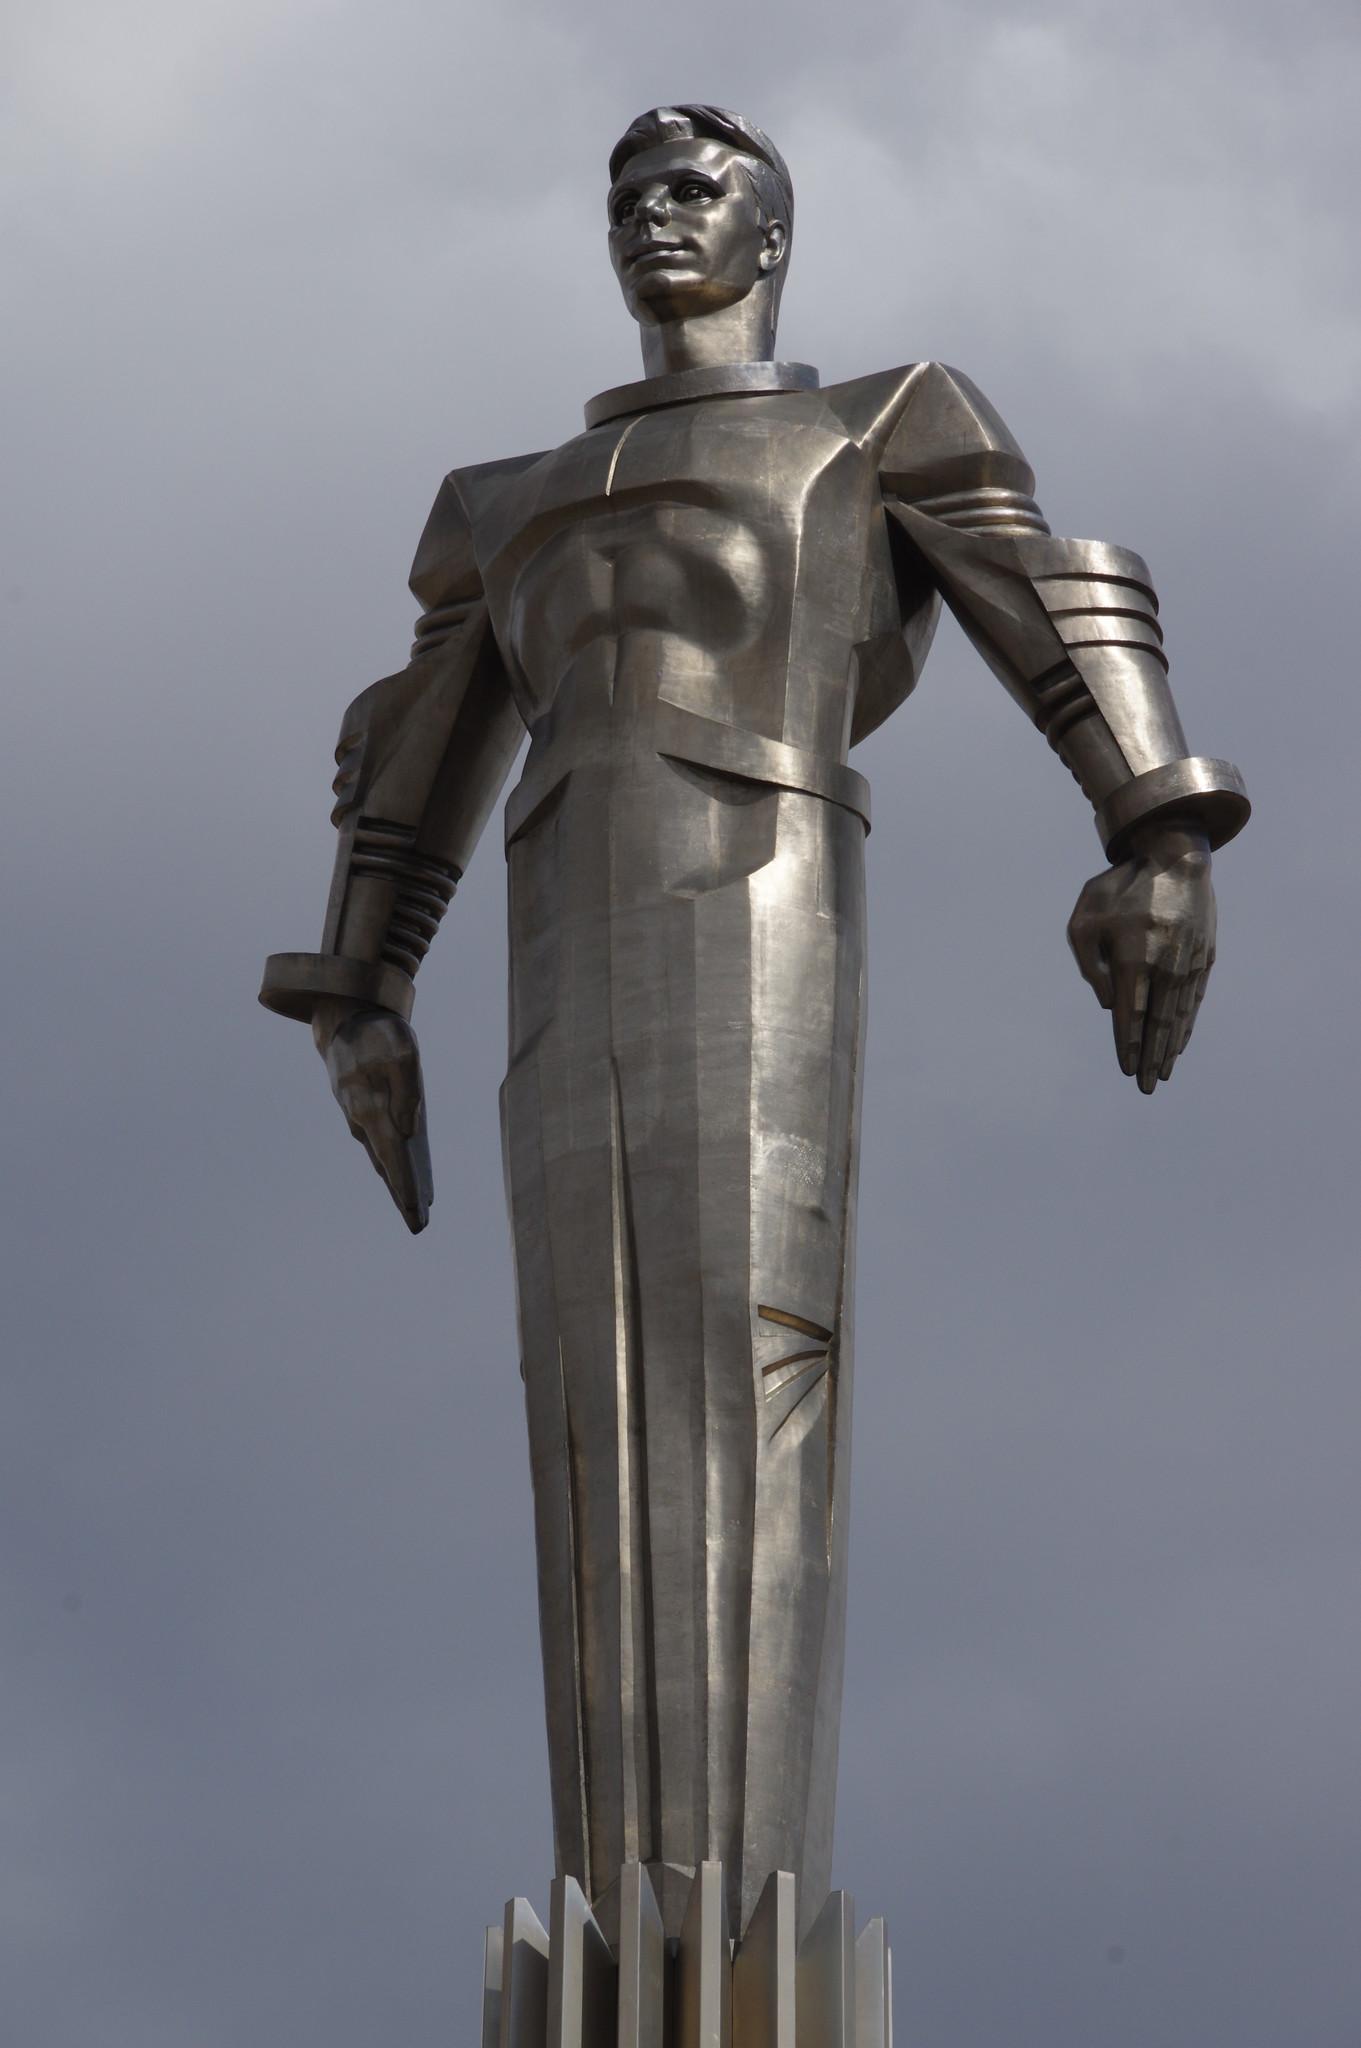 Памятник Гагарину был установлен в 1980 году к Олимпиаде-80 на площади Гагарина